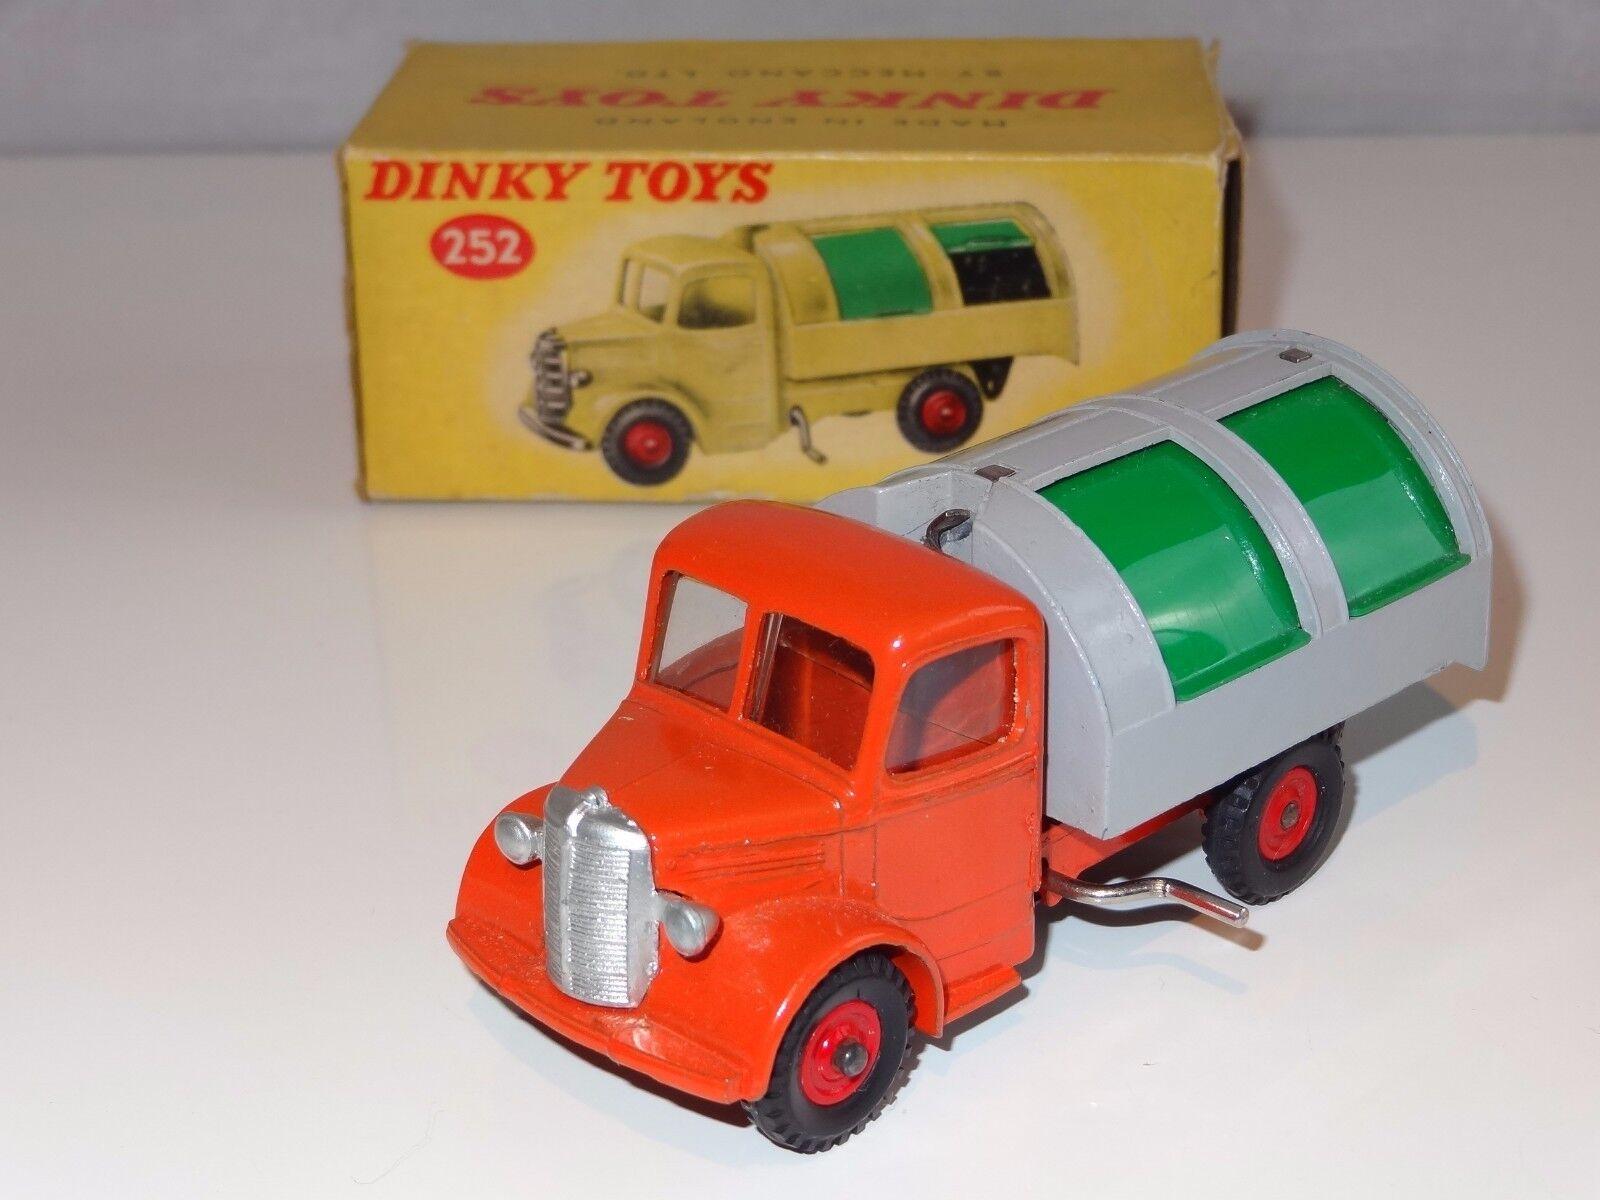 se descuenta Dinky Bedford rechazar Vagón - - - 252 raro verde plástico Persianas  tomar hasta un 70% de descuento